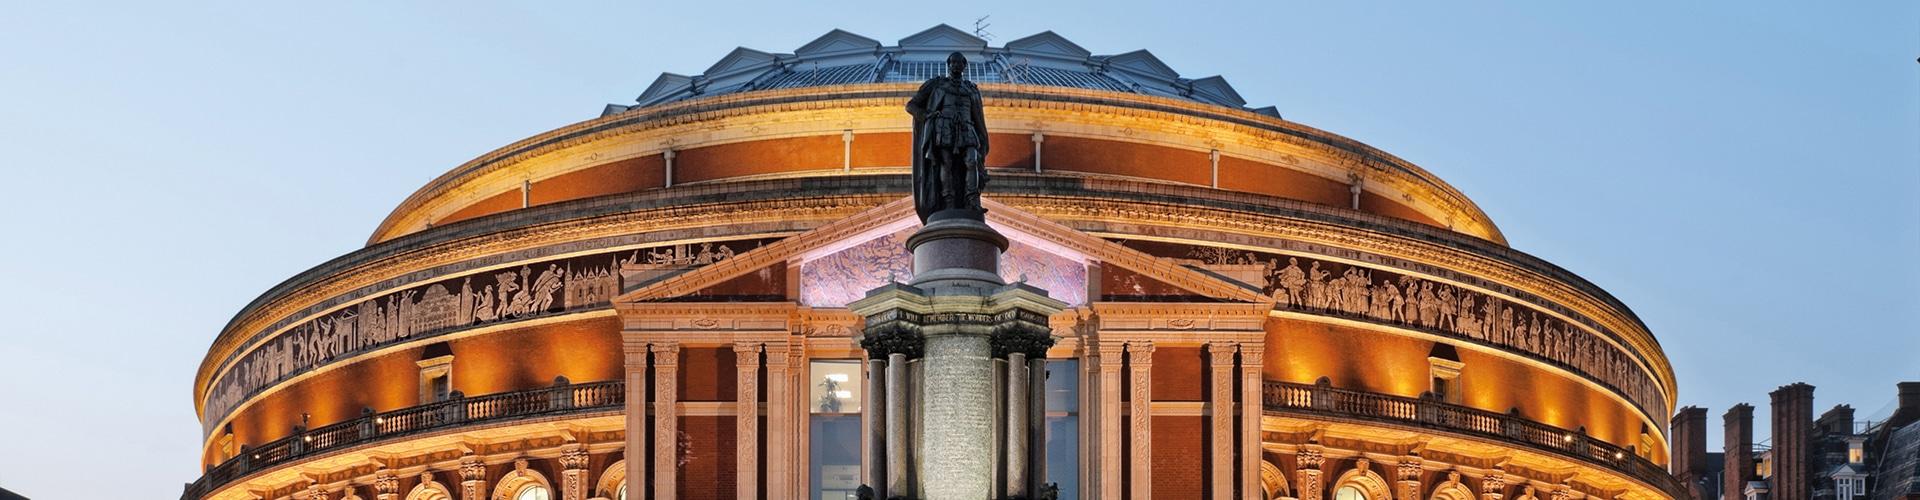 Dirigenten, Solisten, Orchester, Chöre: Individuelle Reisepläne von Luxreisen